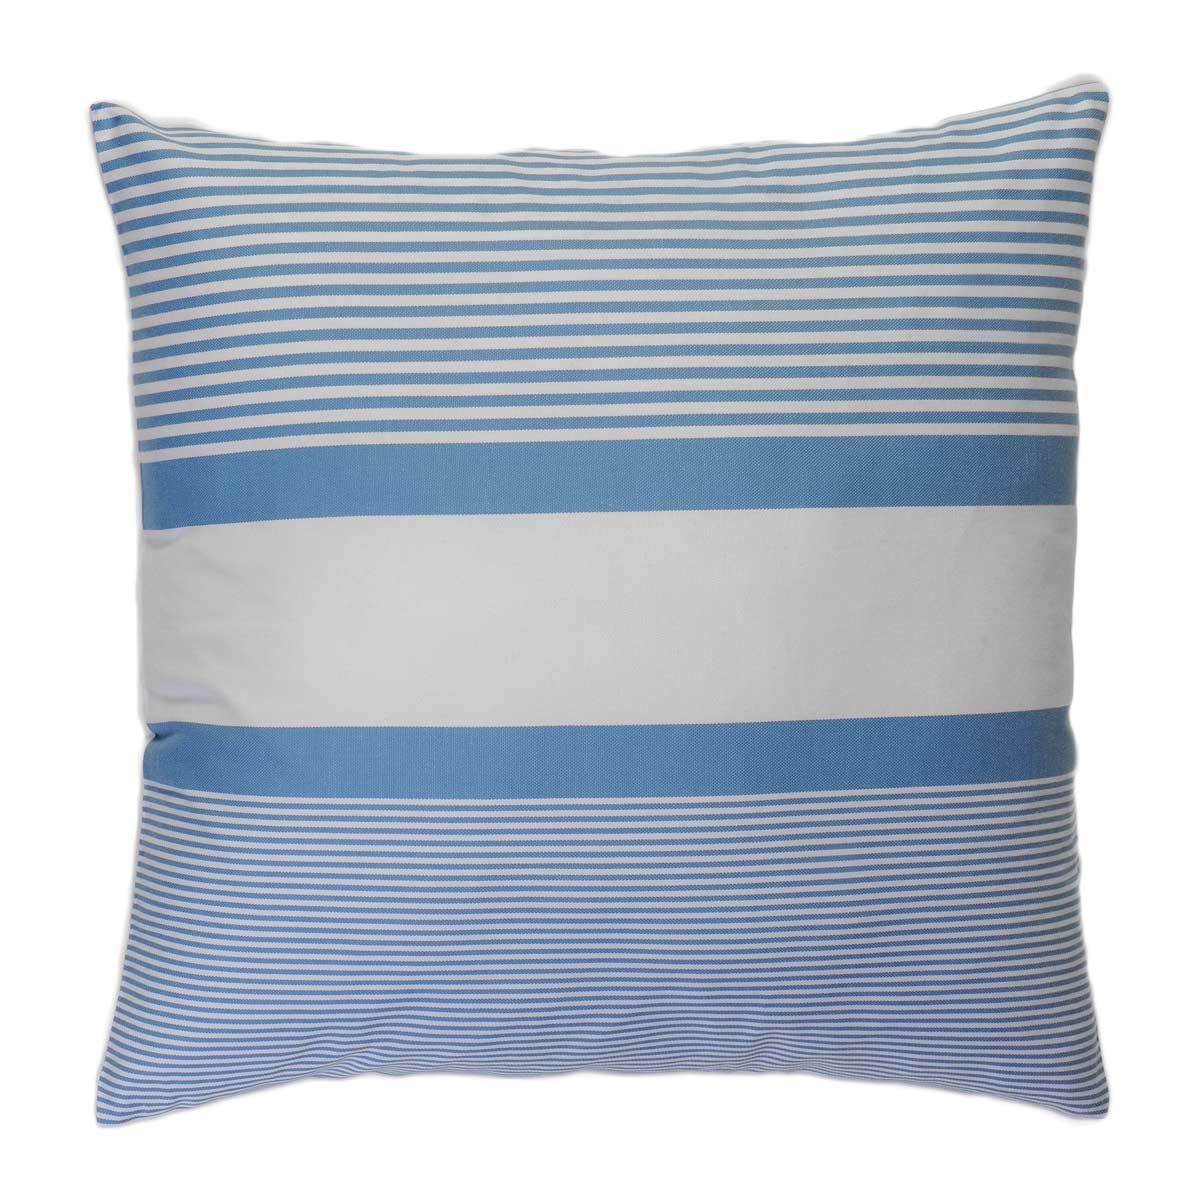 CARTHAGE - Housse de coussin coton rayures bleu fond blanc 60 x 60